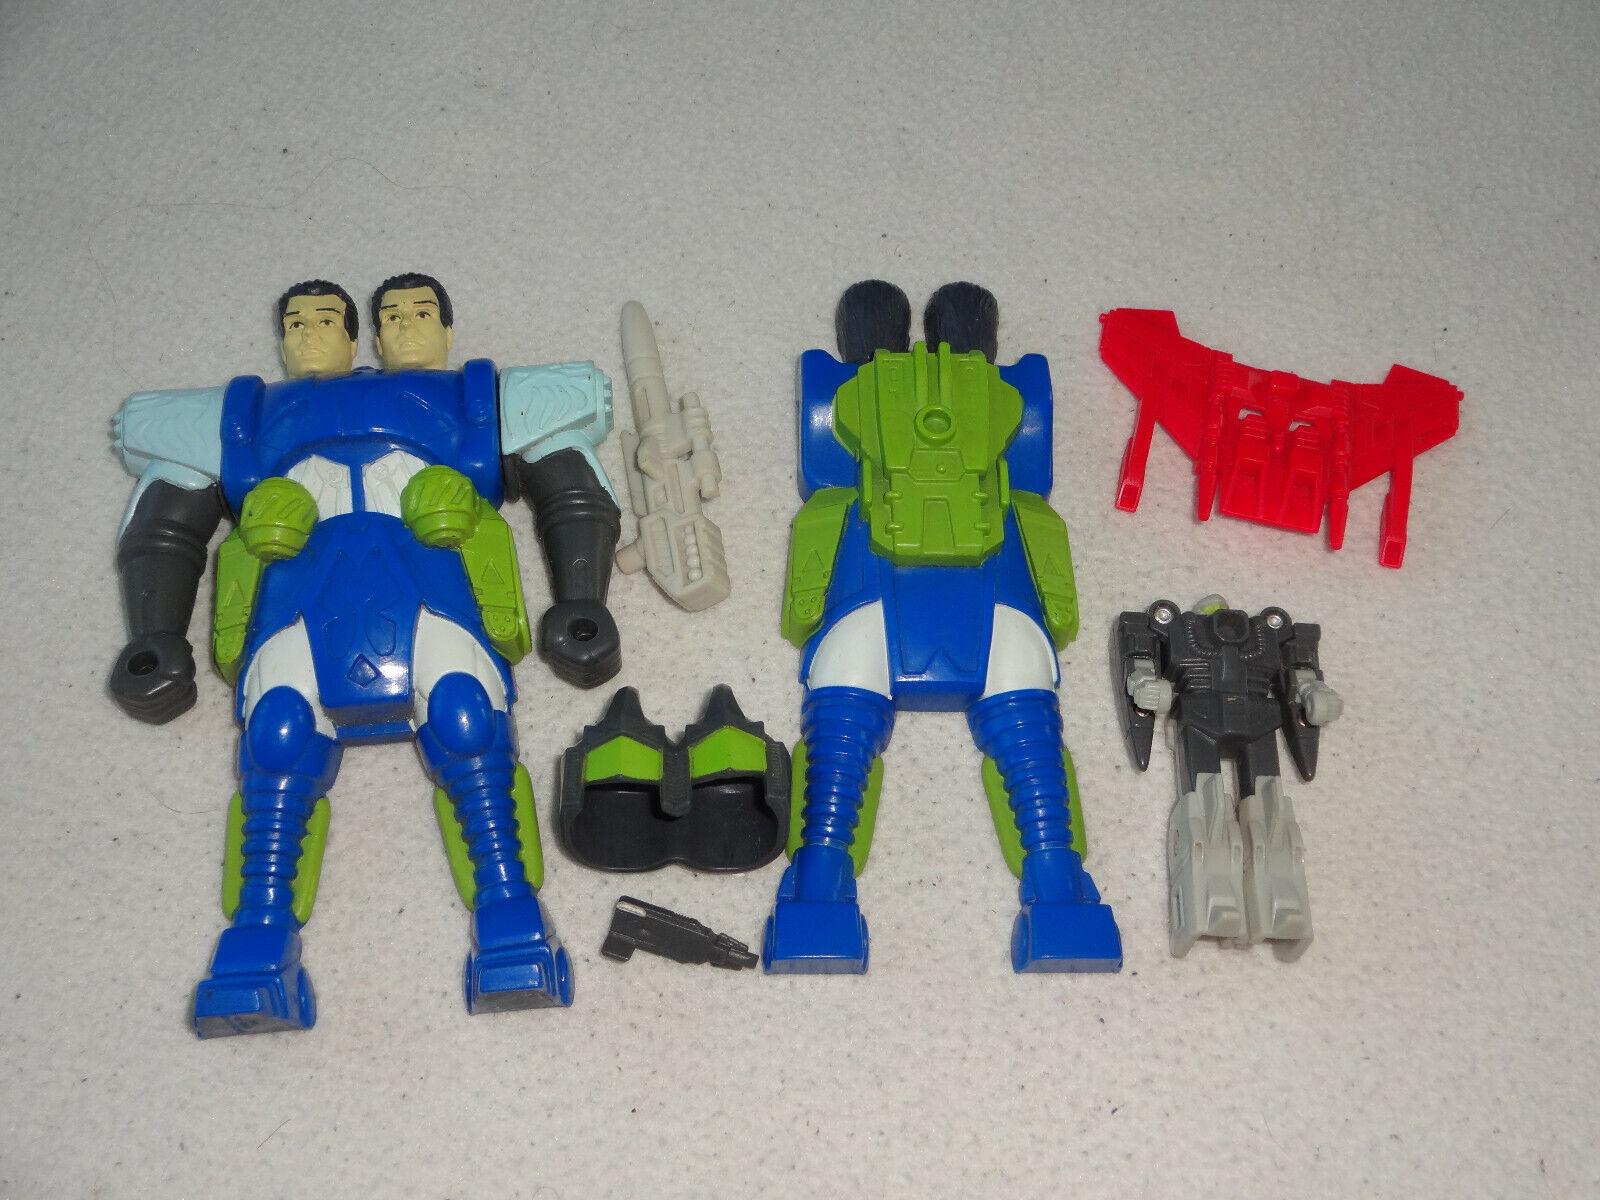 protección post-venta Transformers G1 pretender pretender pretender partidos Completa  orden ahora con gran descuento y entrega gratuita